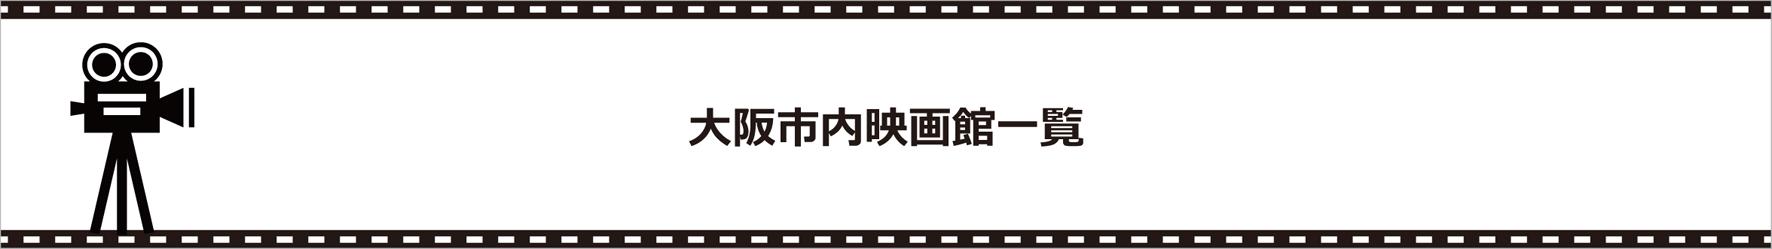 大阪市内映画館一覧